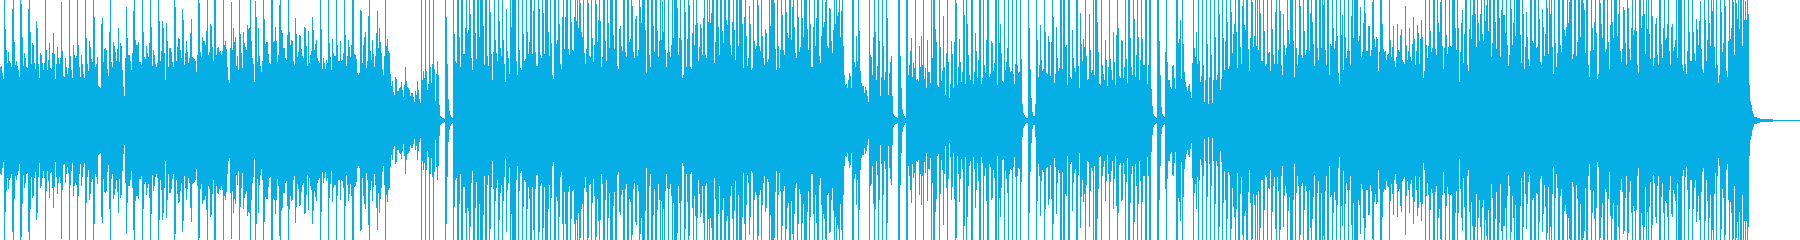 ピクニックシーンに・スィングポップ H2の再生済みの波形